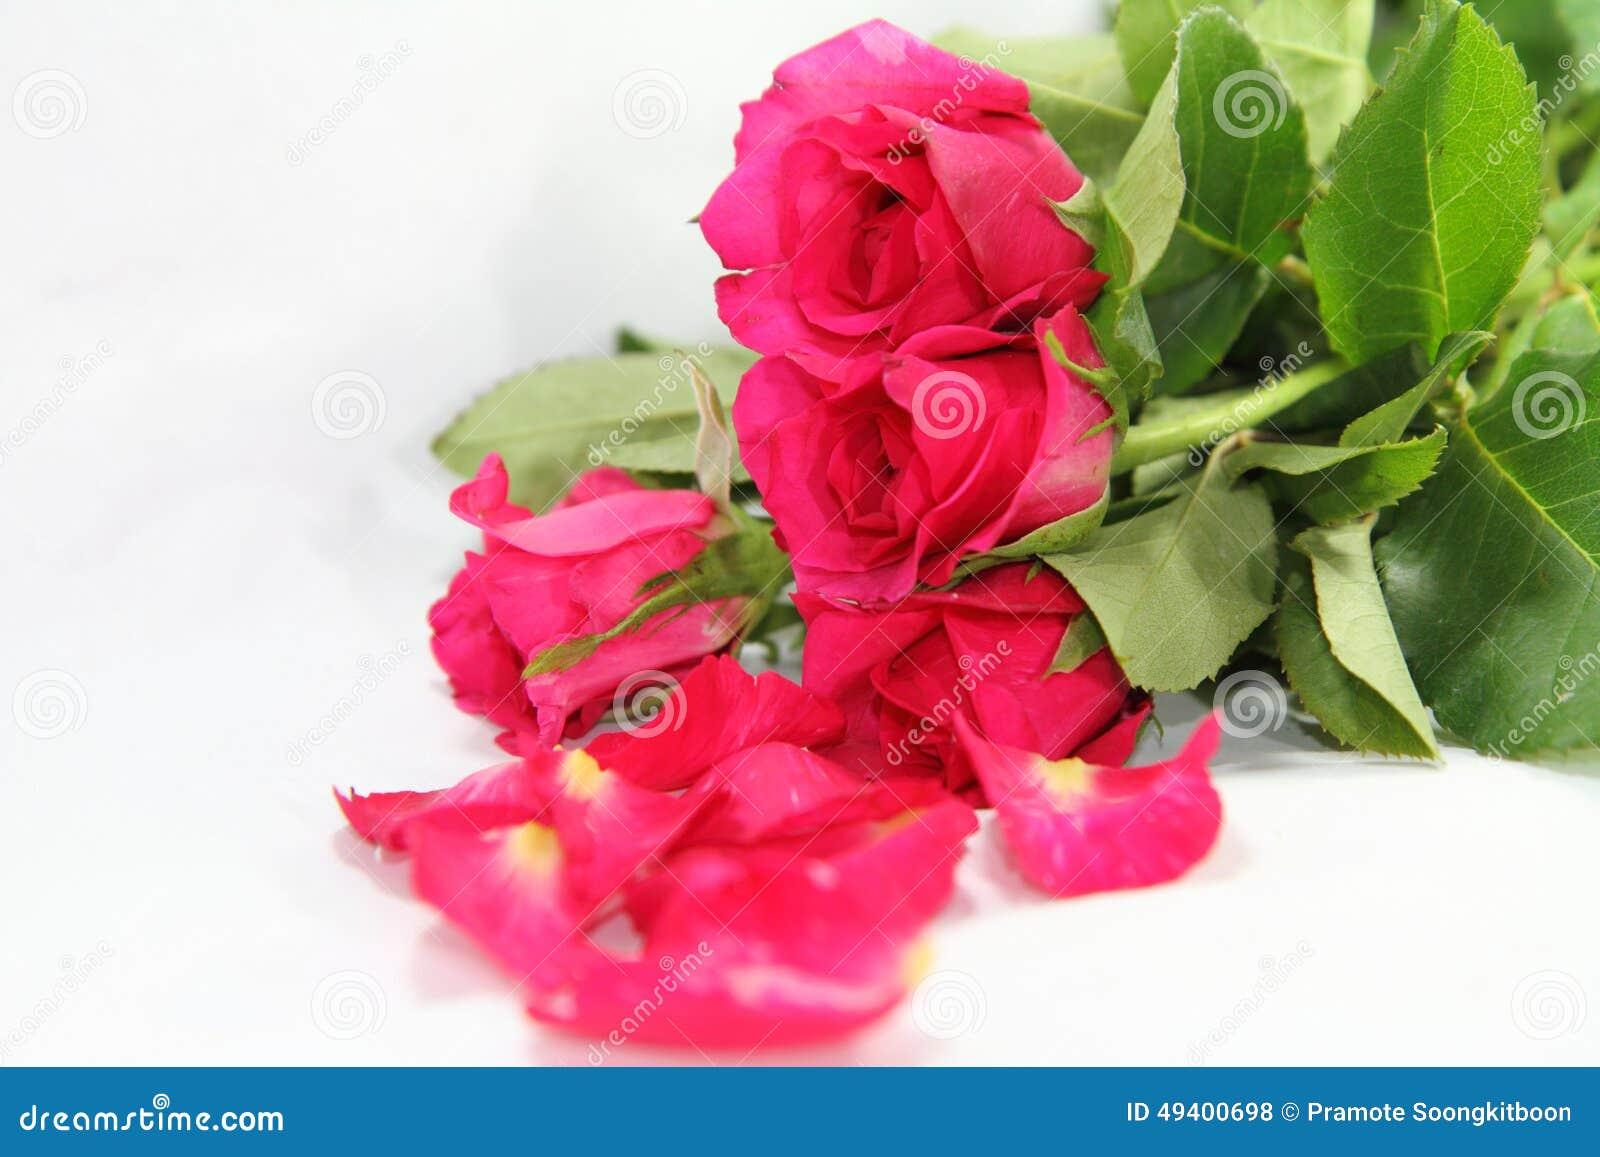 Download Rosafarbene Rosen stockfoto. Bild von feier, frisch, feiertage - 49400698